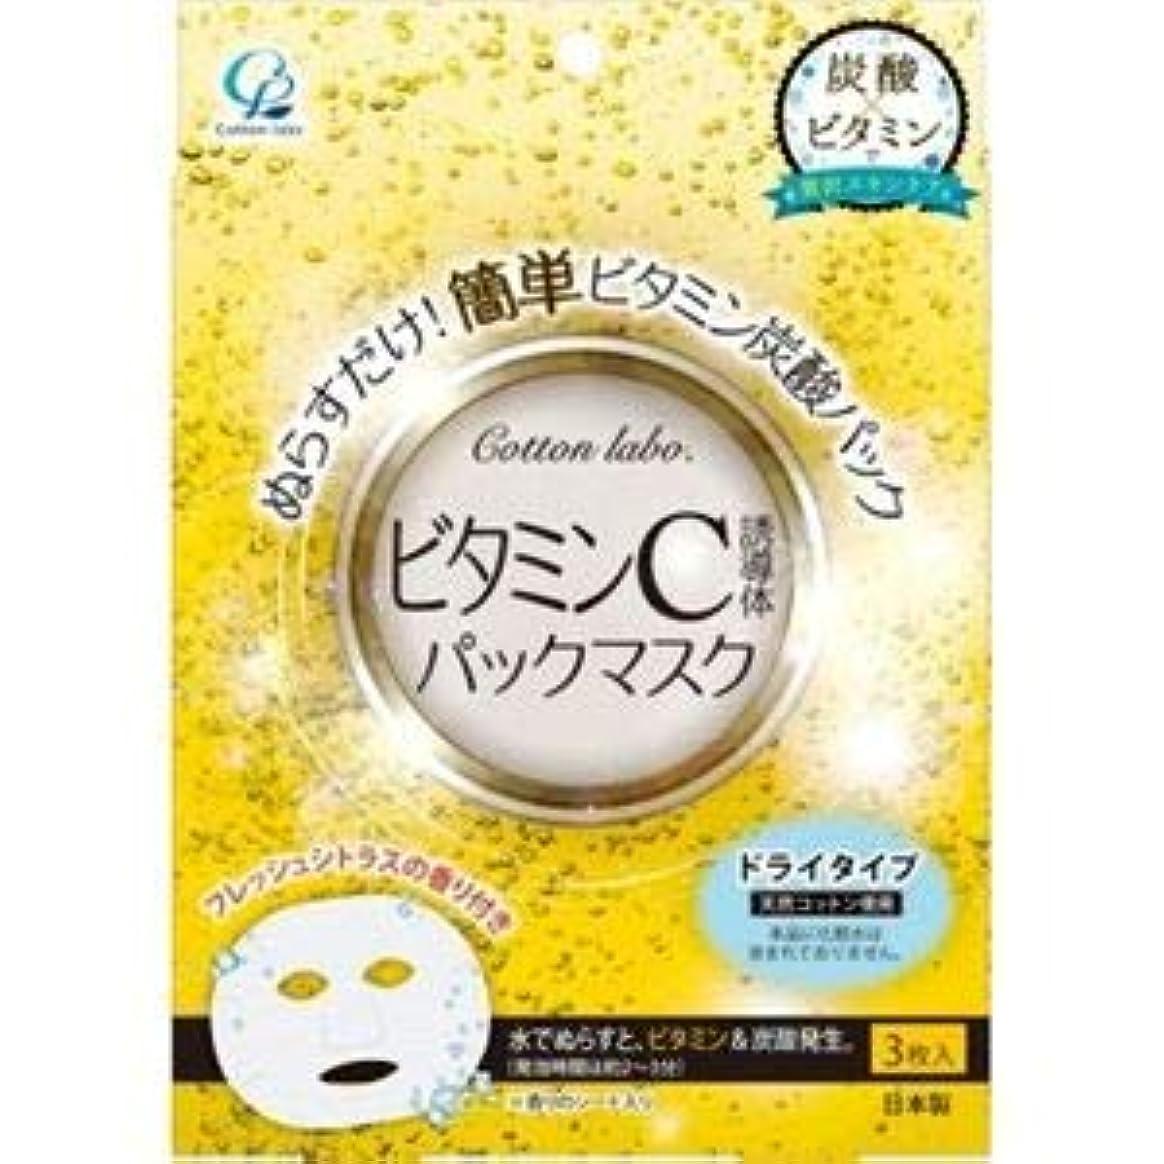 ケイ素保護グレートオーク(まとめ)コットンラボ ビタミンパックマスク3枚 【×5点セット】